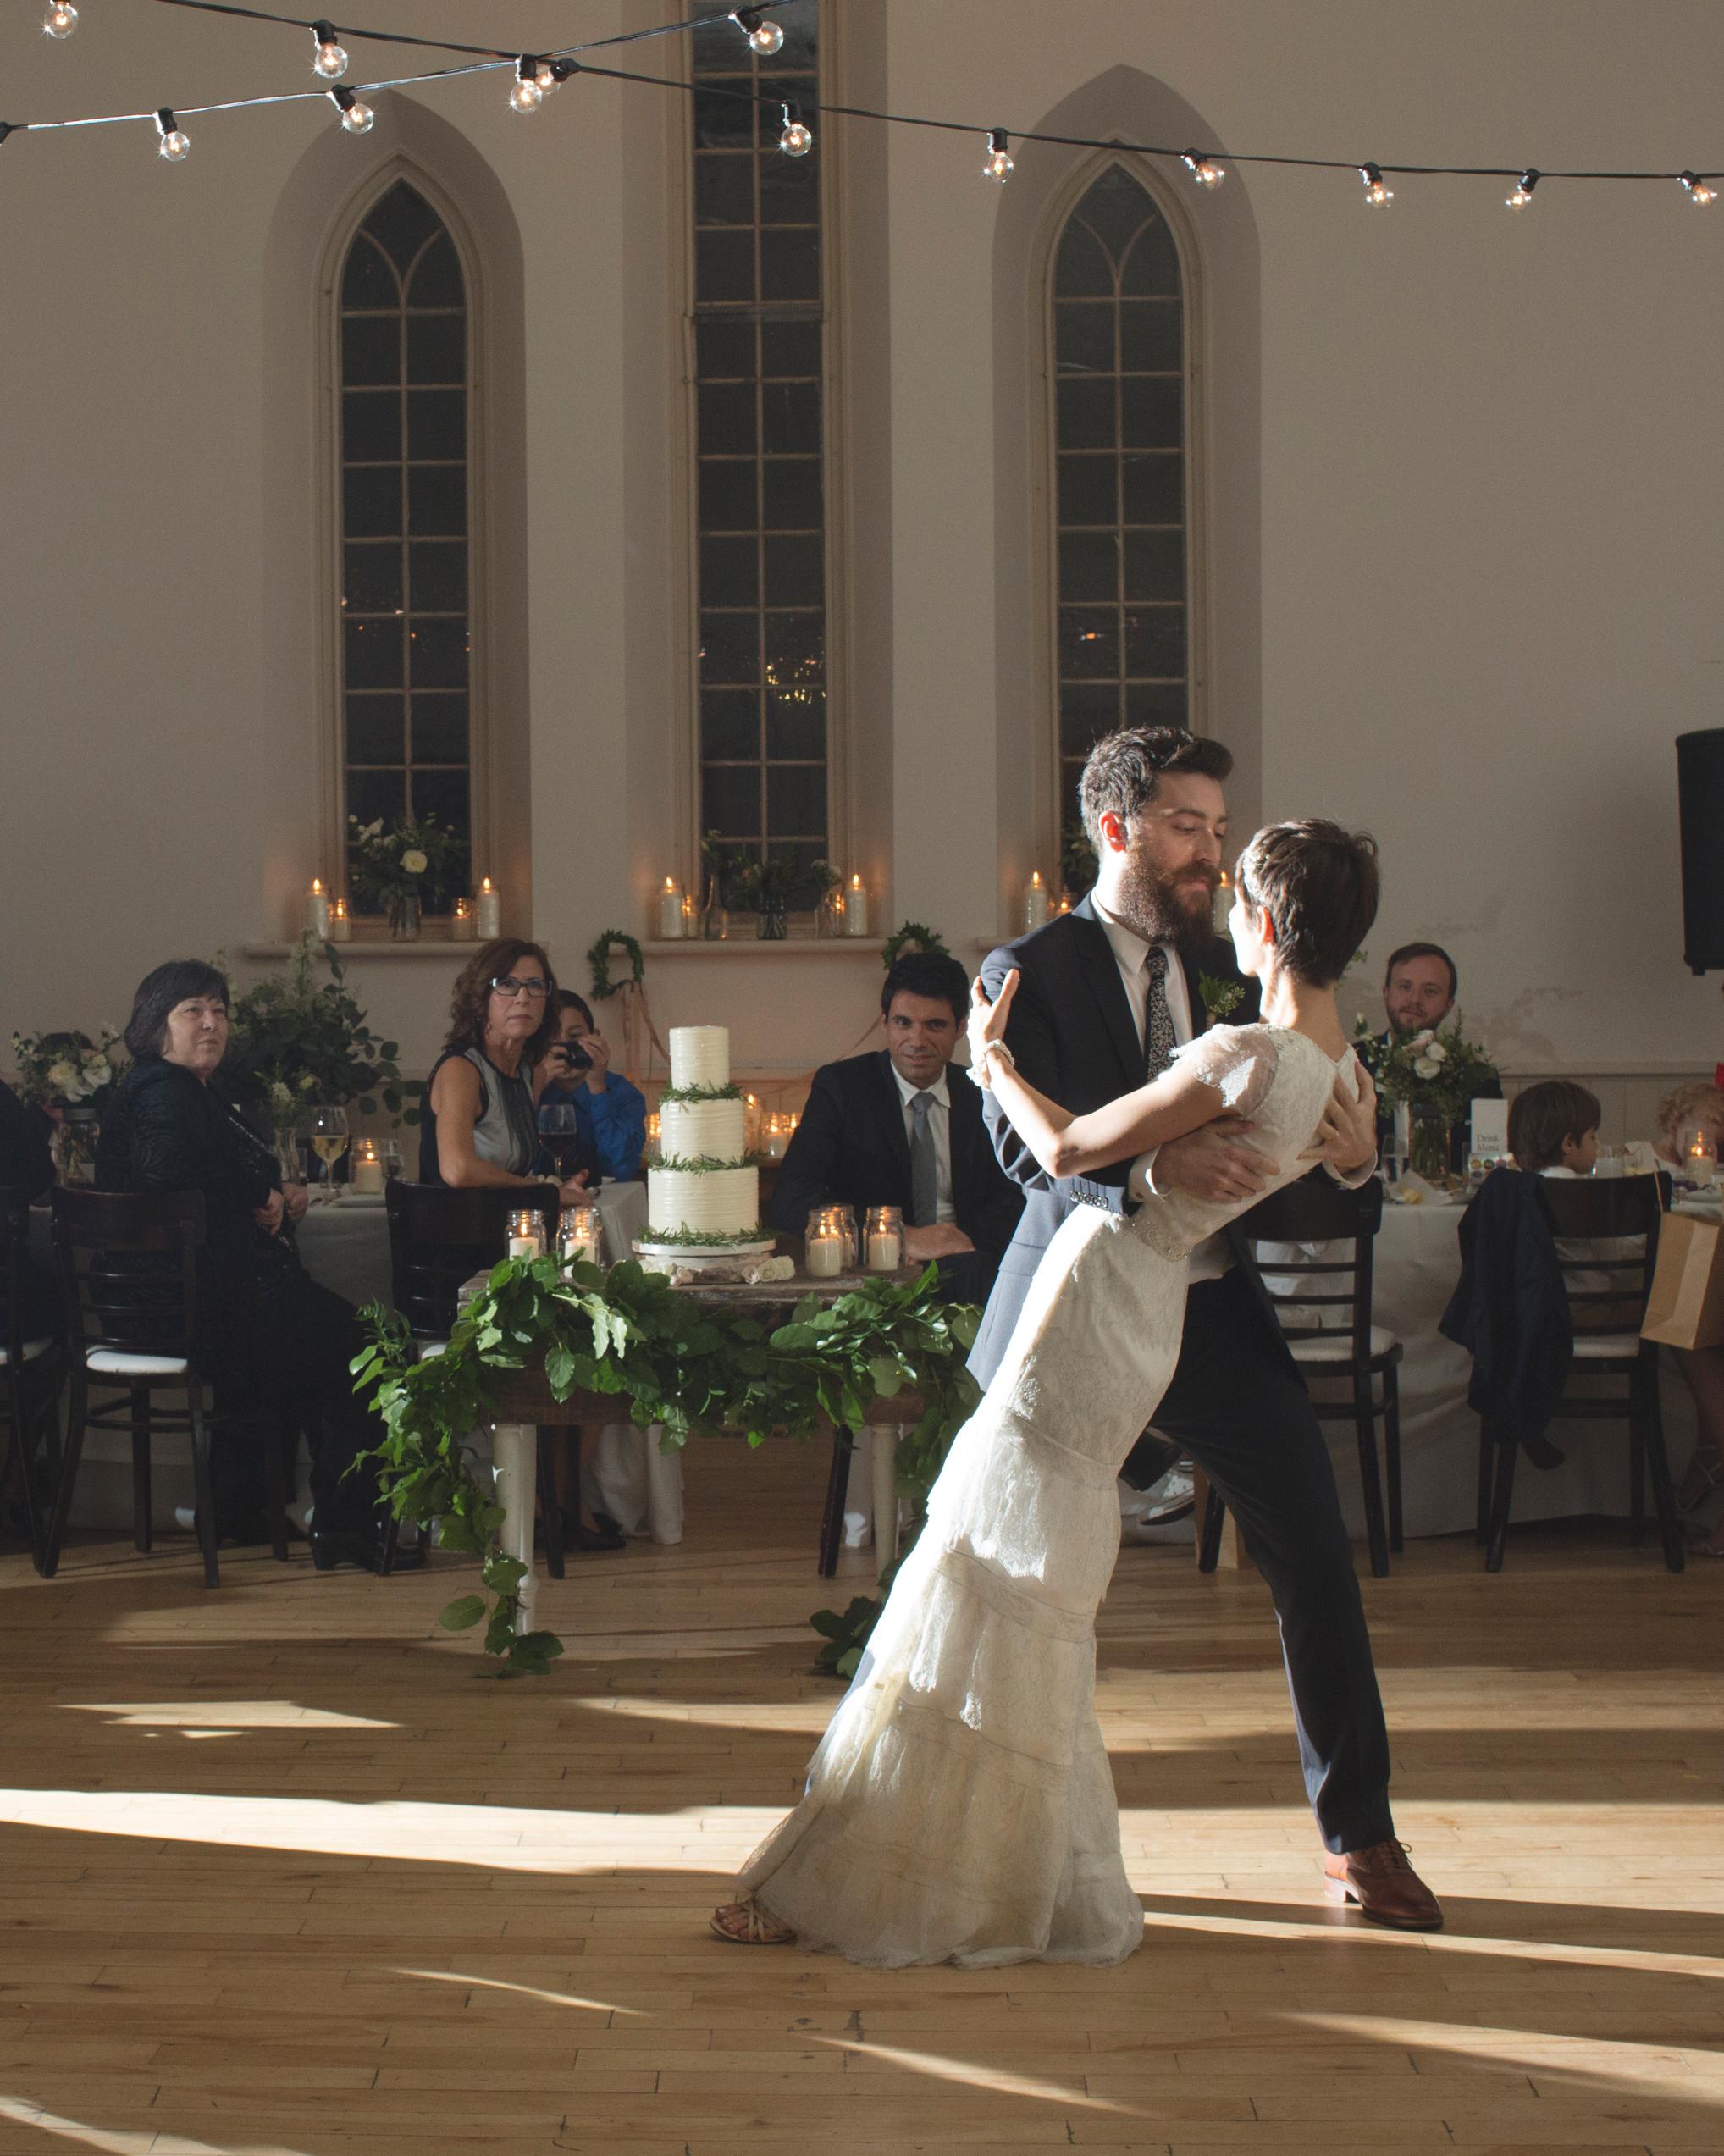 trish-alan-wedding-firstdance-098-s111348-0714.jpg